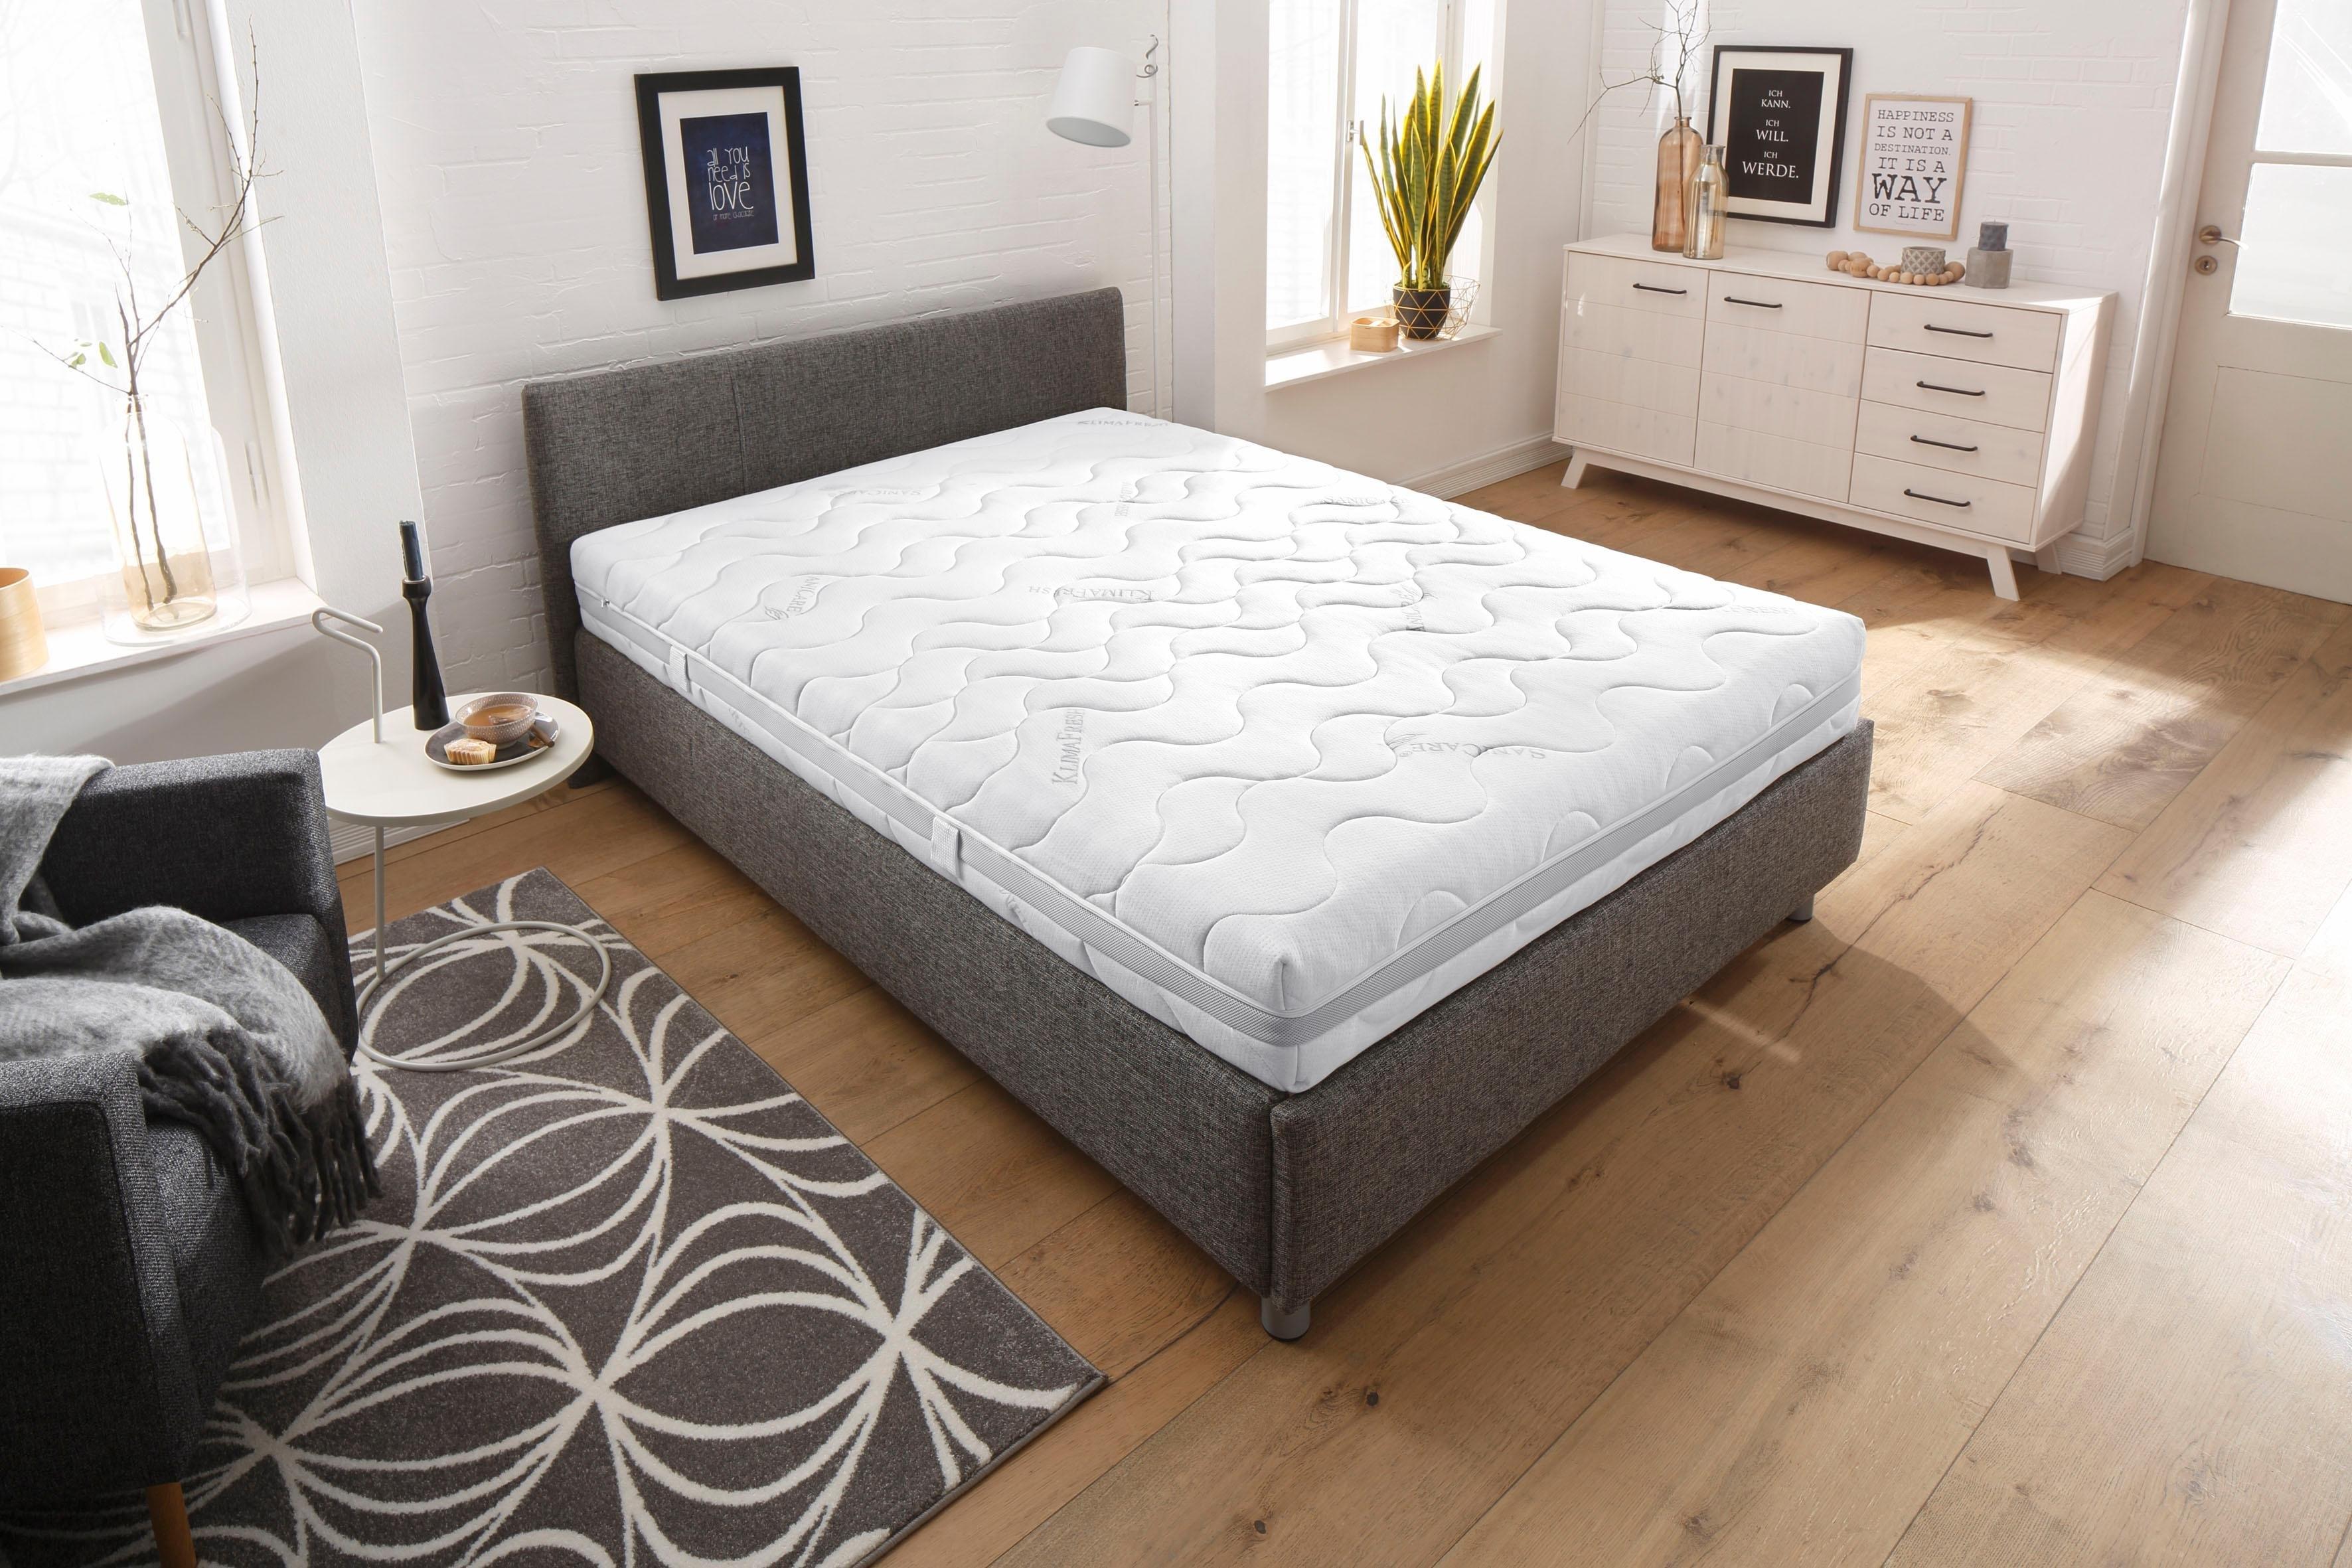 Beco EXCLUSIV comfortschuimmatras Top star KS door klanten aanbevolen en